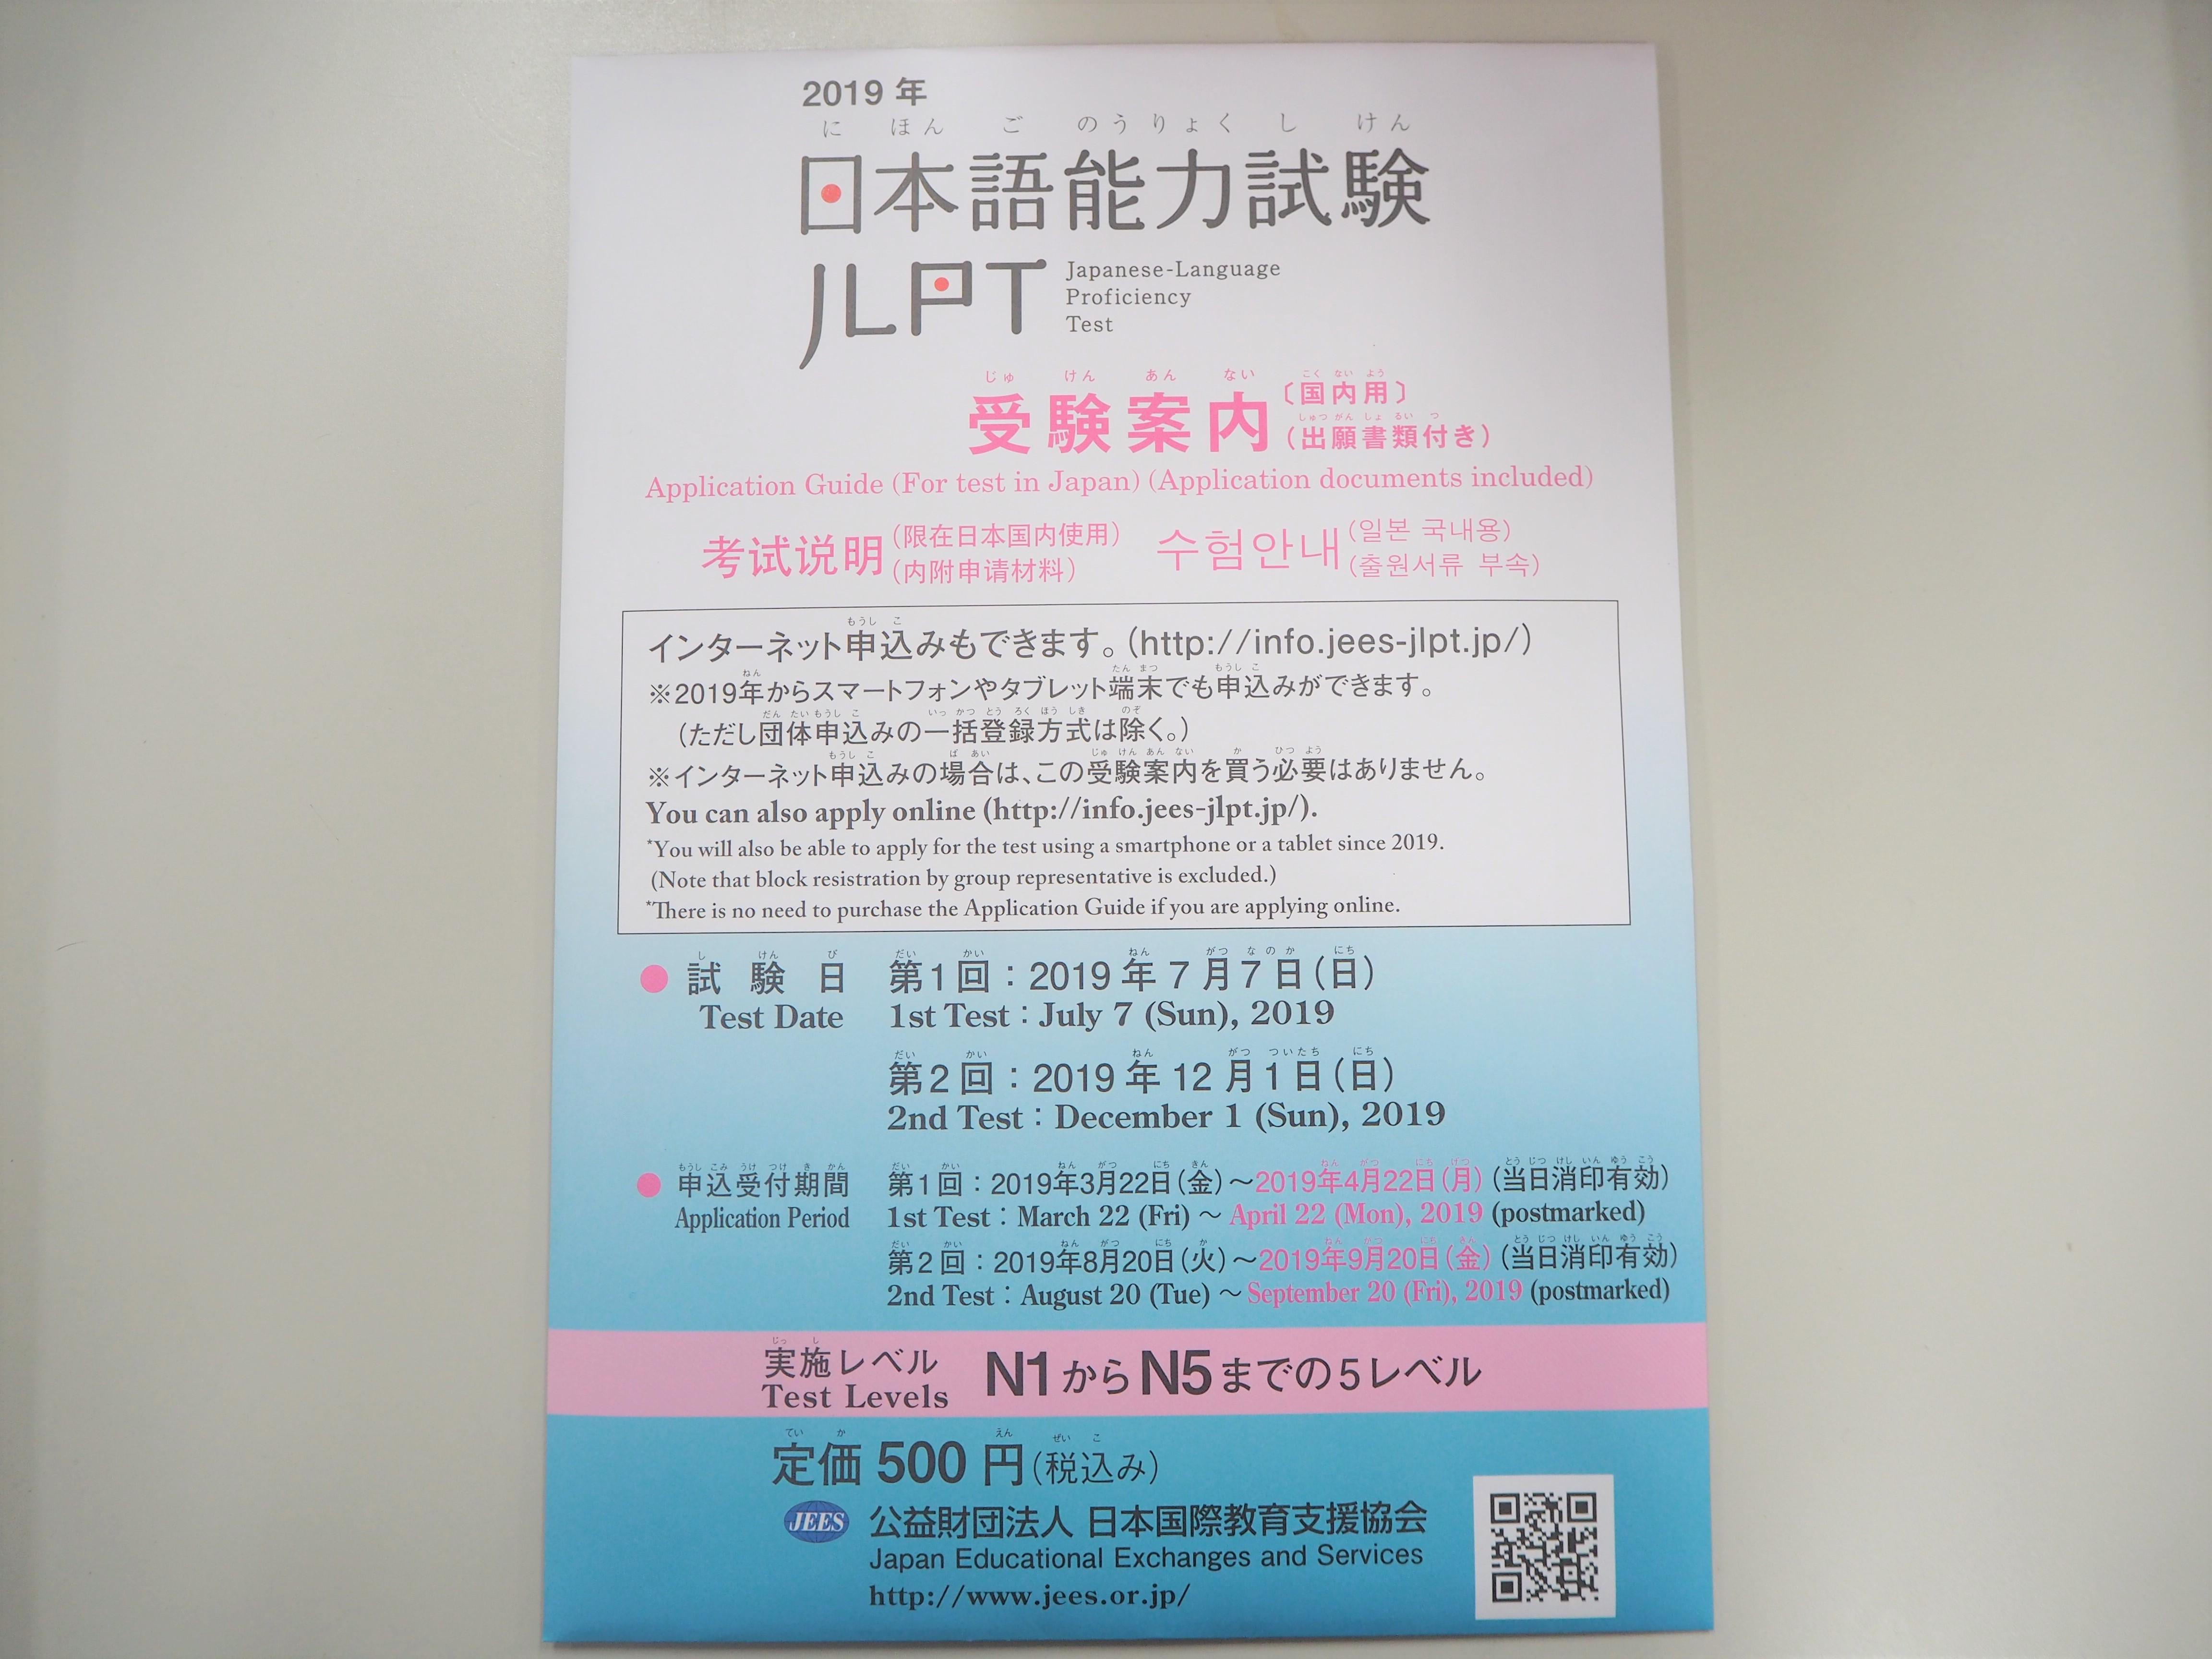 2019年第一回JLPT(日本语能力测验)